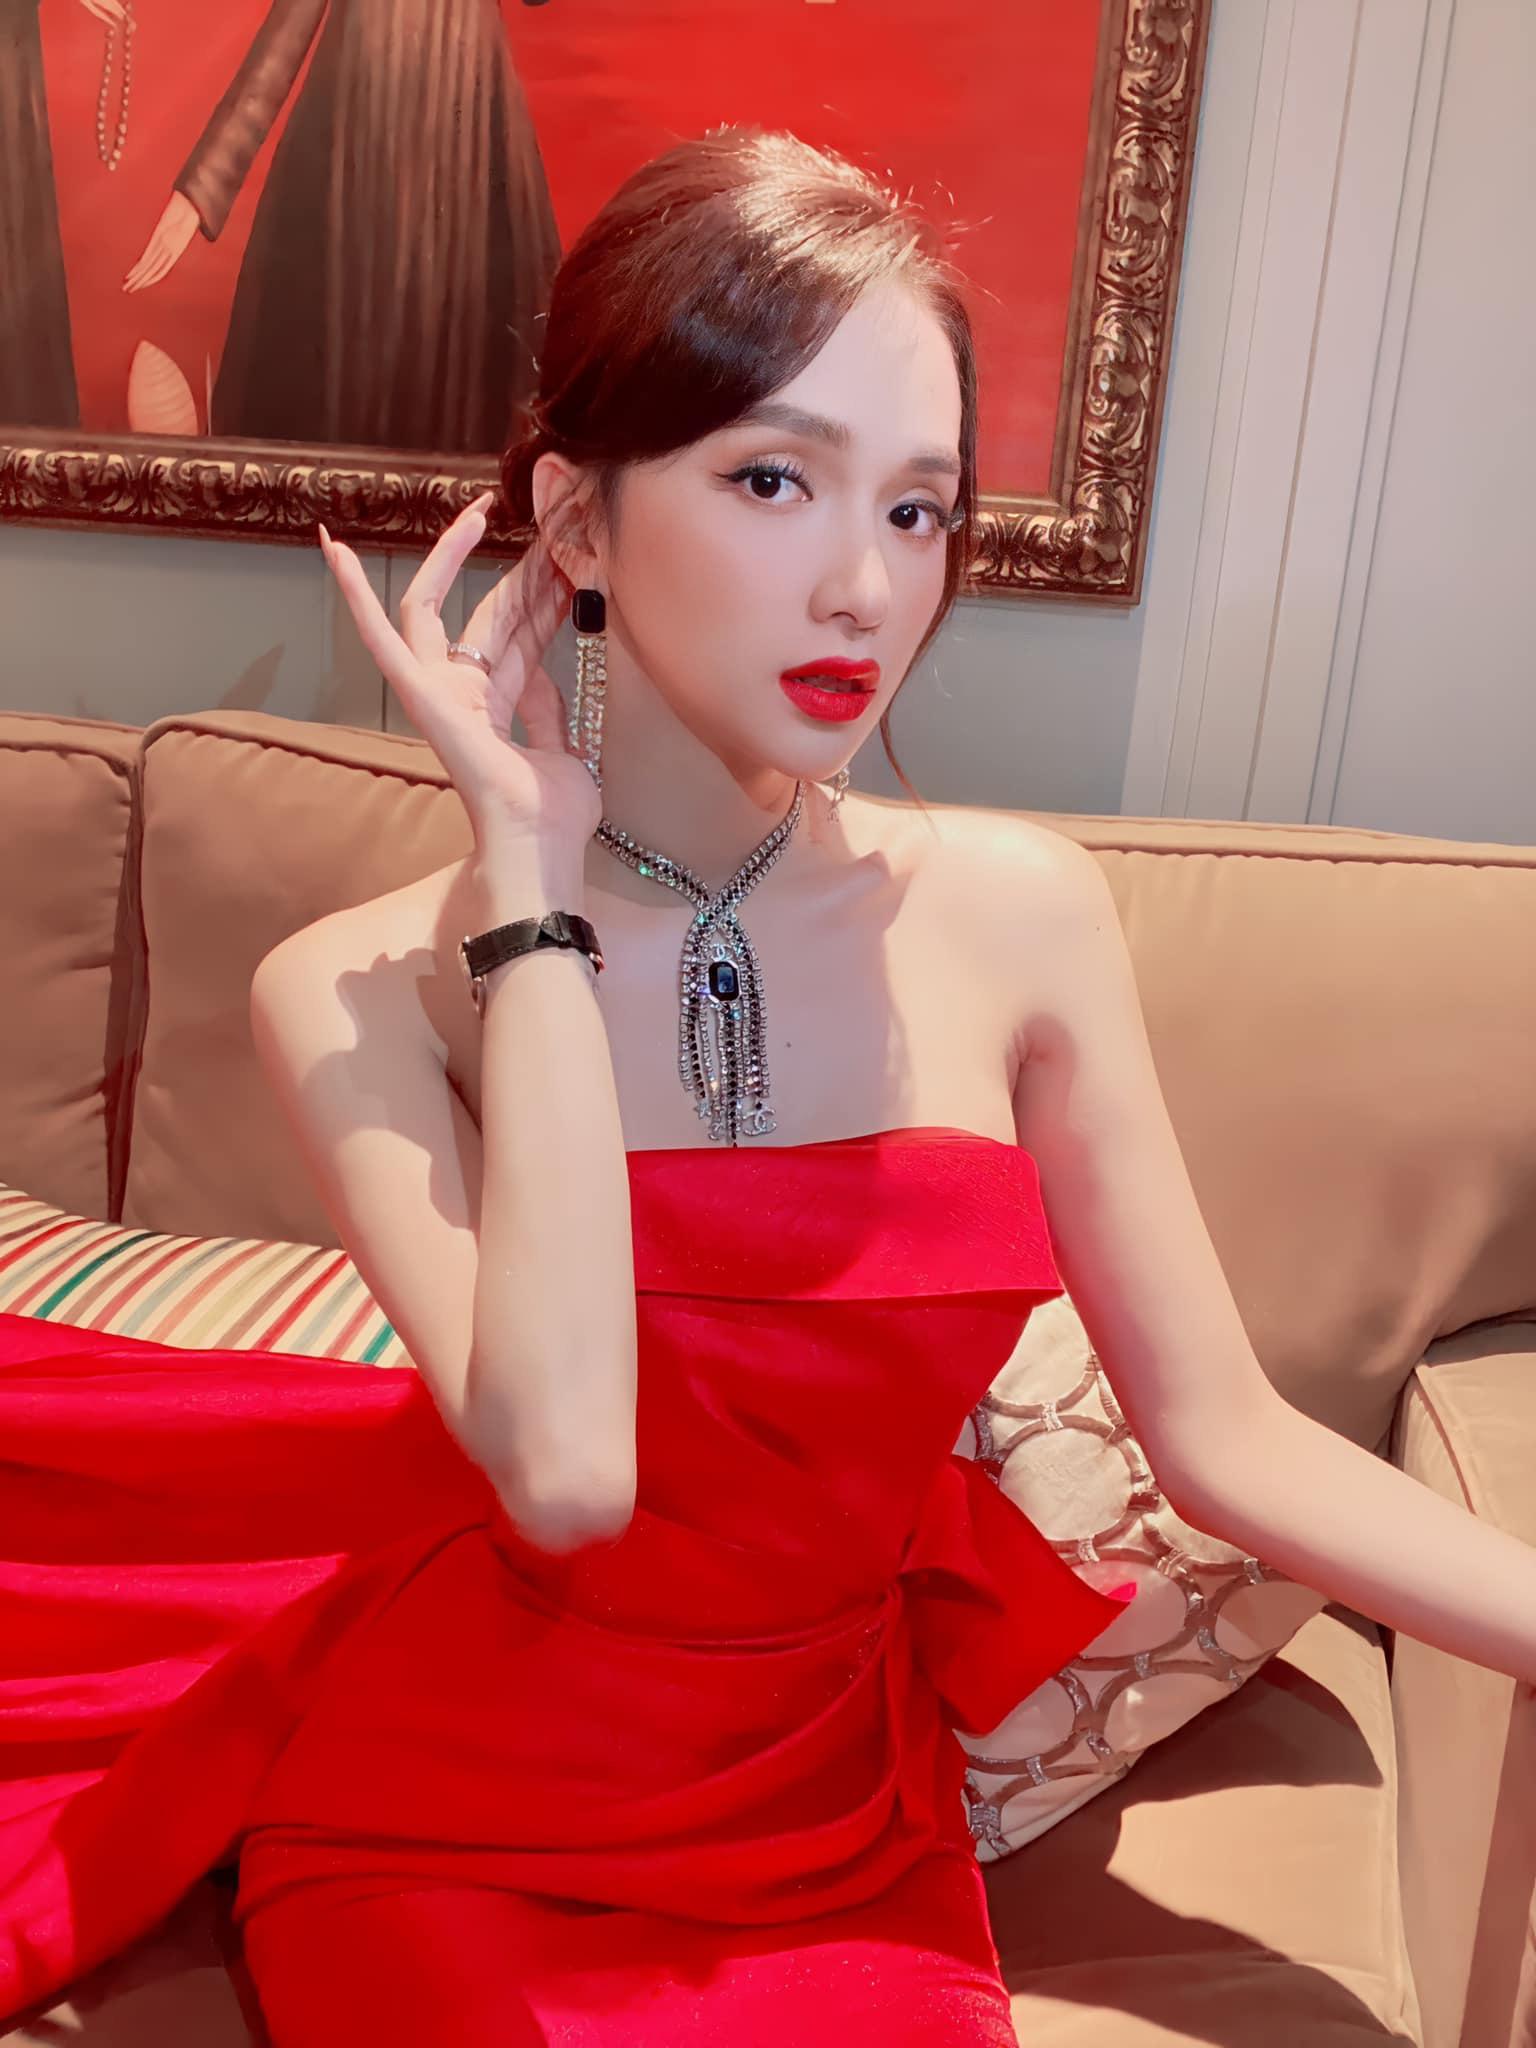 """Bất ngờ Hương Giang đáp trả kẻ """"ném đá"""" bằng tâm thư dài: """"Tôi sẽ không khoan nhượng"""" - Ảnh 1."""